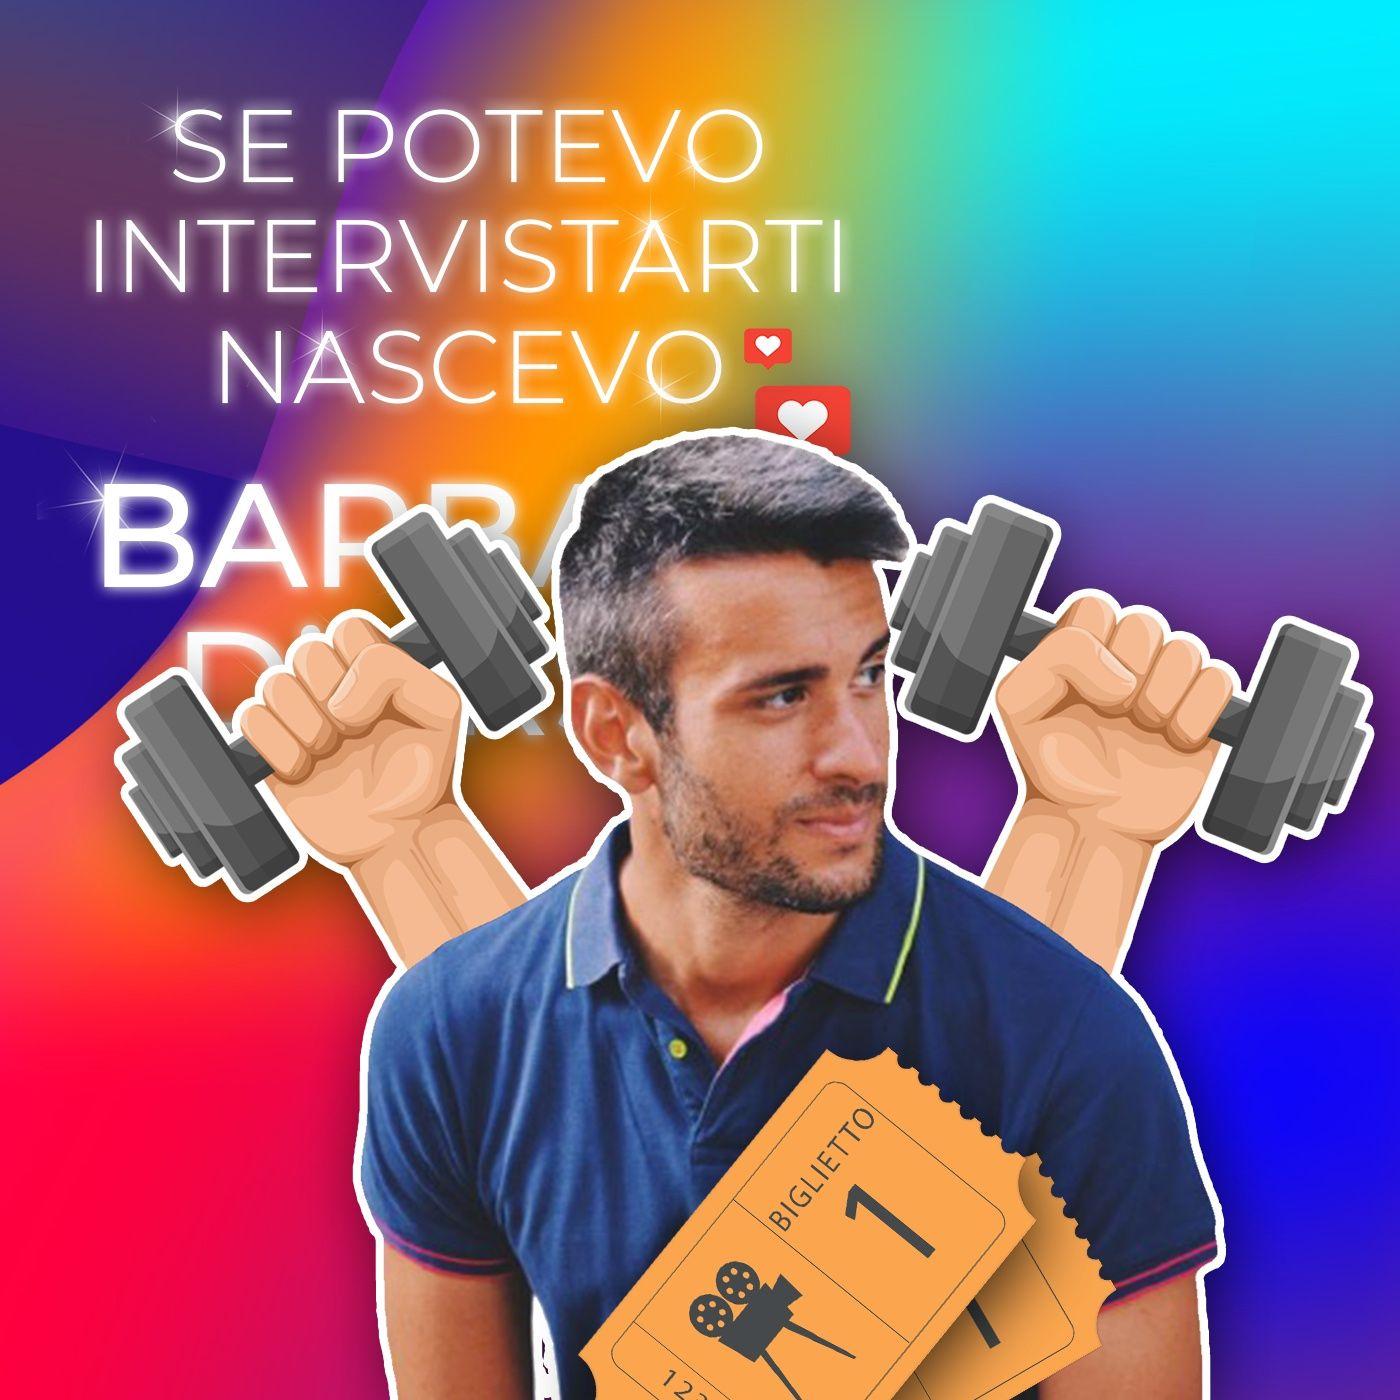 Ep. 89 - SPIN-OFF // Se potevo intervistare Carlo nascevo Barbara D'Urso 🏋️♂️